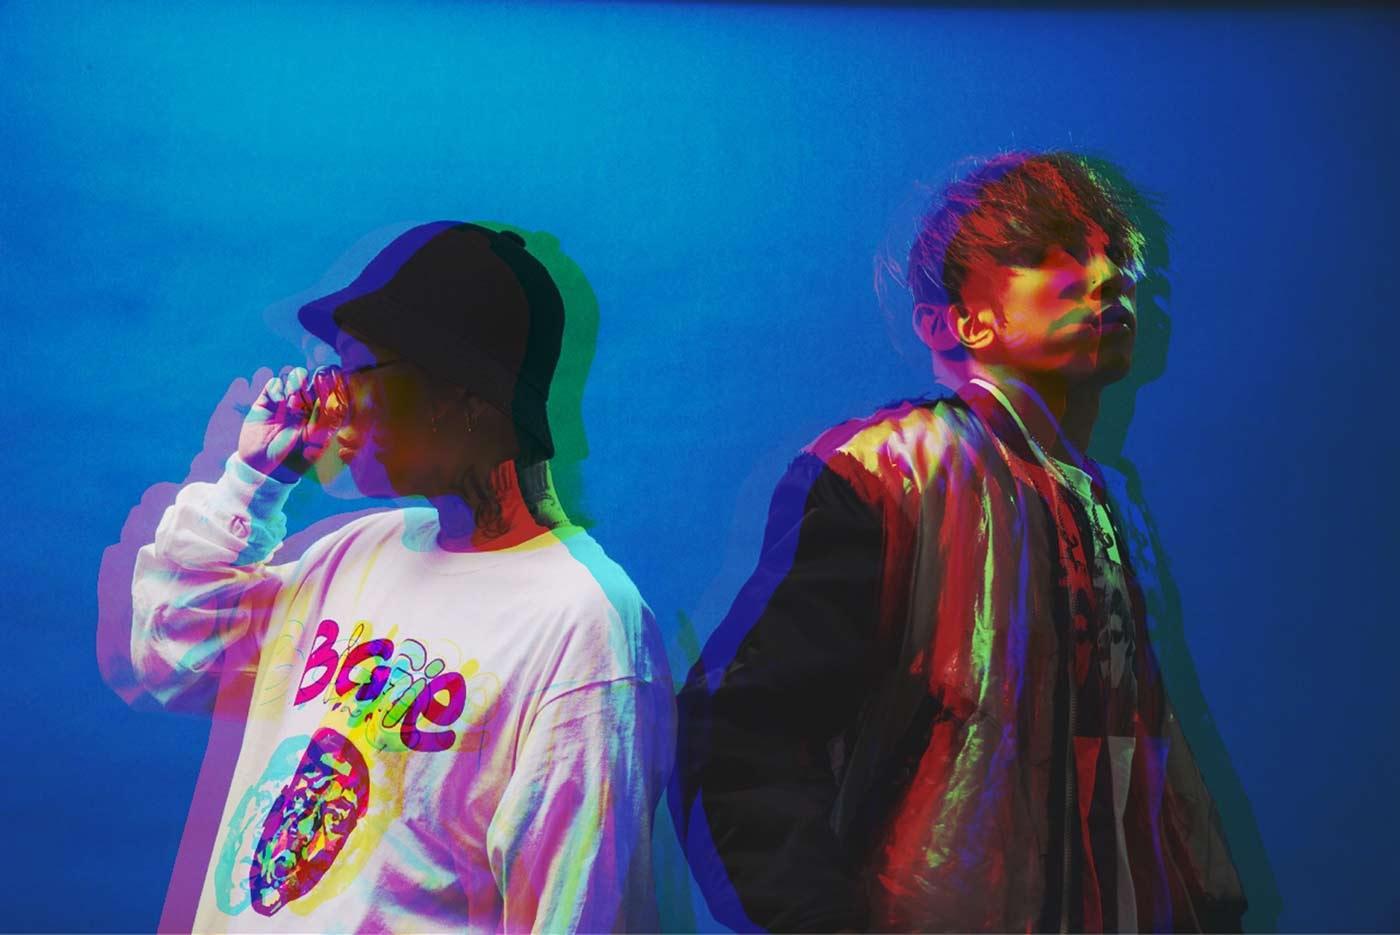 BACK-ON band Japanese